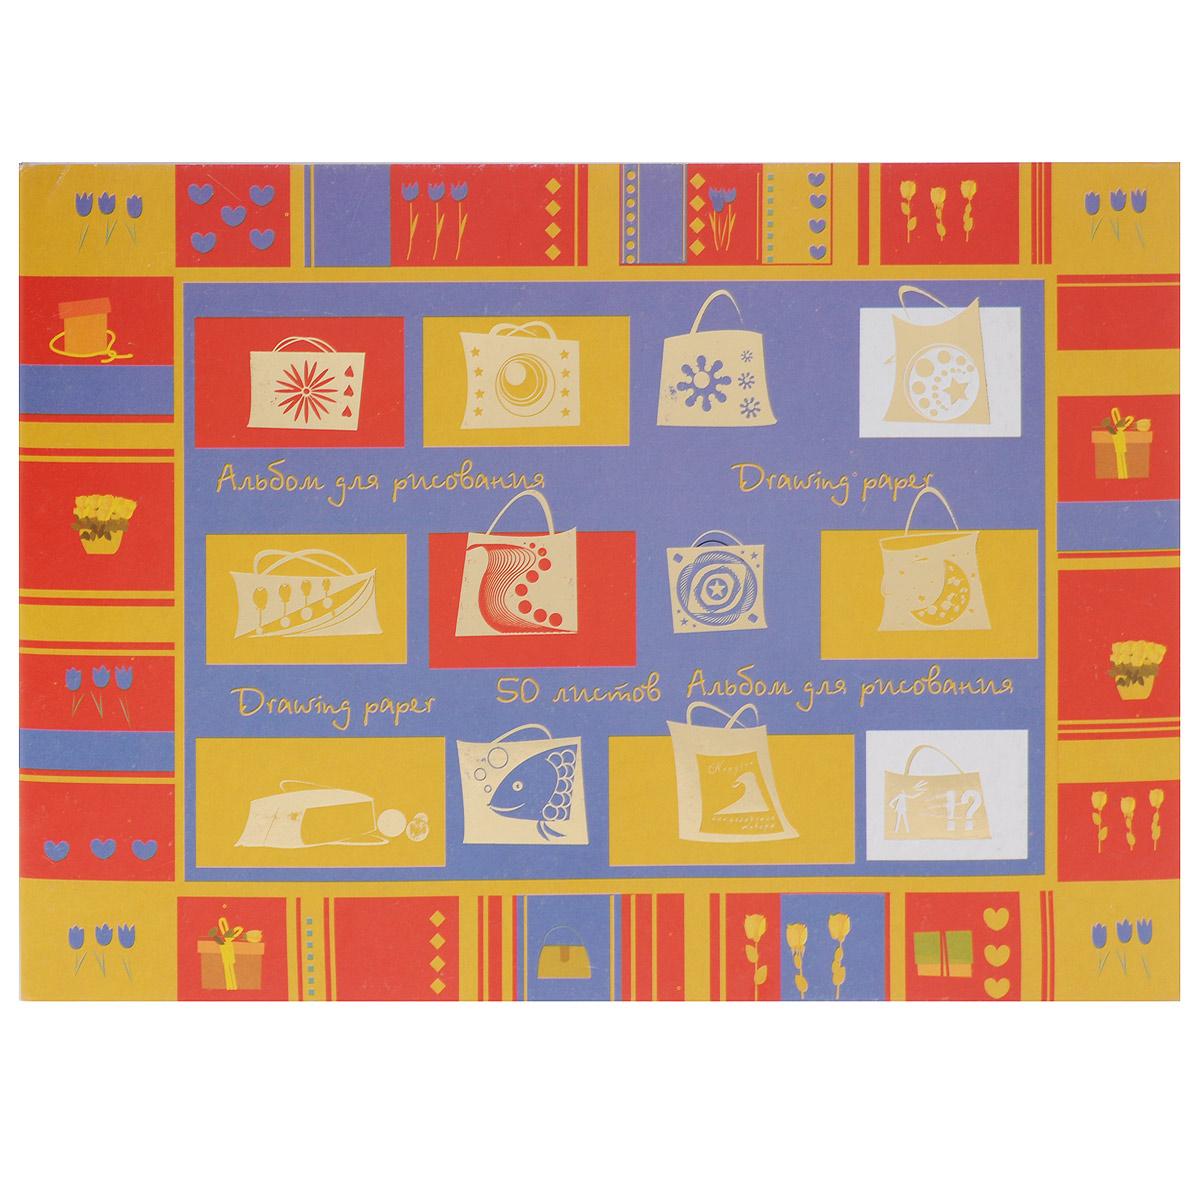 Альбом для рисования Kroyter, 50 листов, формат А472523WDАльбом Kroyter предназначен для рисования, художественно-графических работ и детского творчества. Внутренний блок состоит из офсетной бумаги. Обложка альбома выполнена из картона с ярким цветным рисунком.Тип крепления листов - склейка.